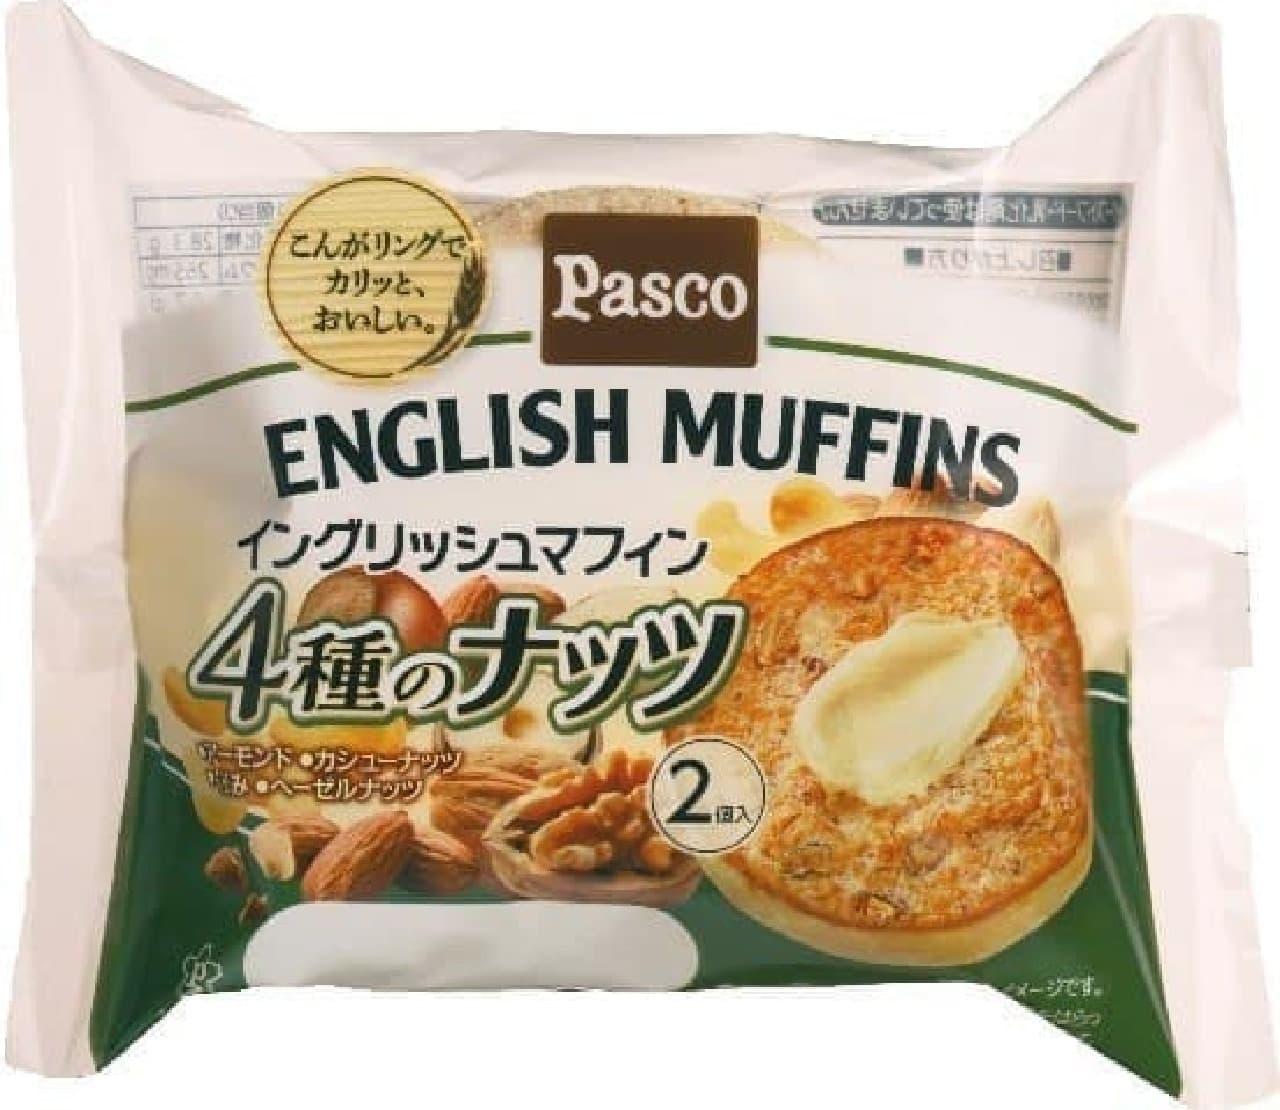 パスコ イングリッシュマフィン4種のナッツ